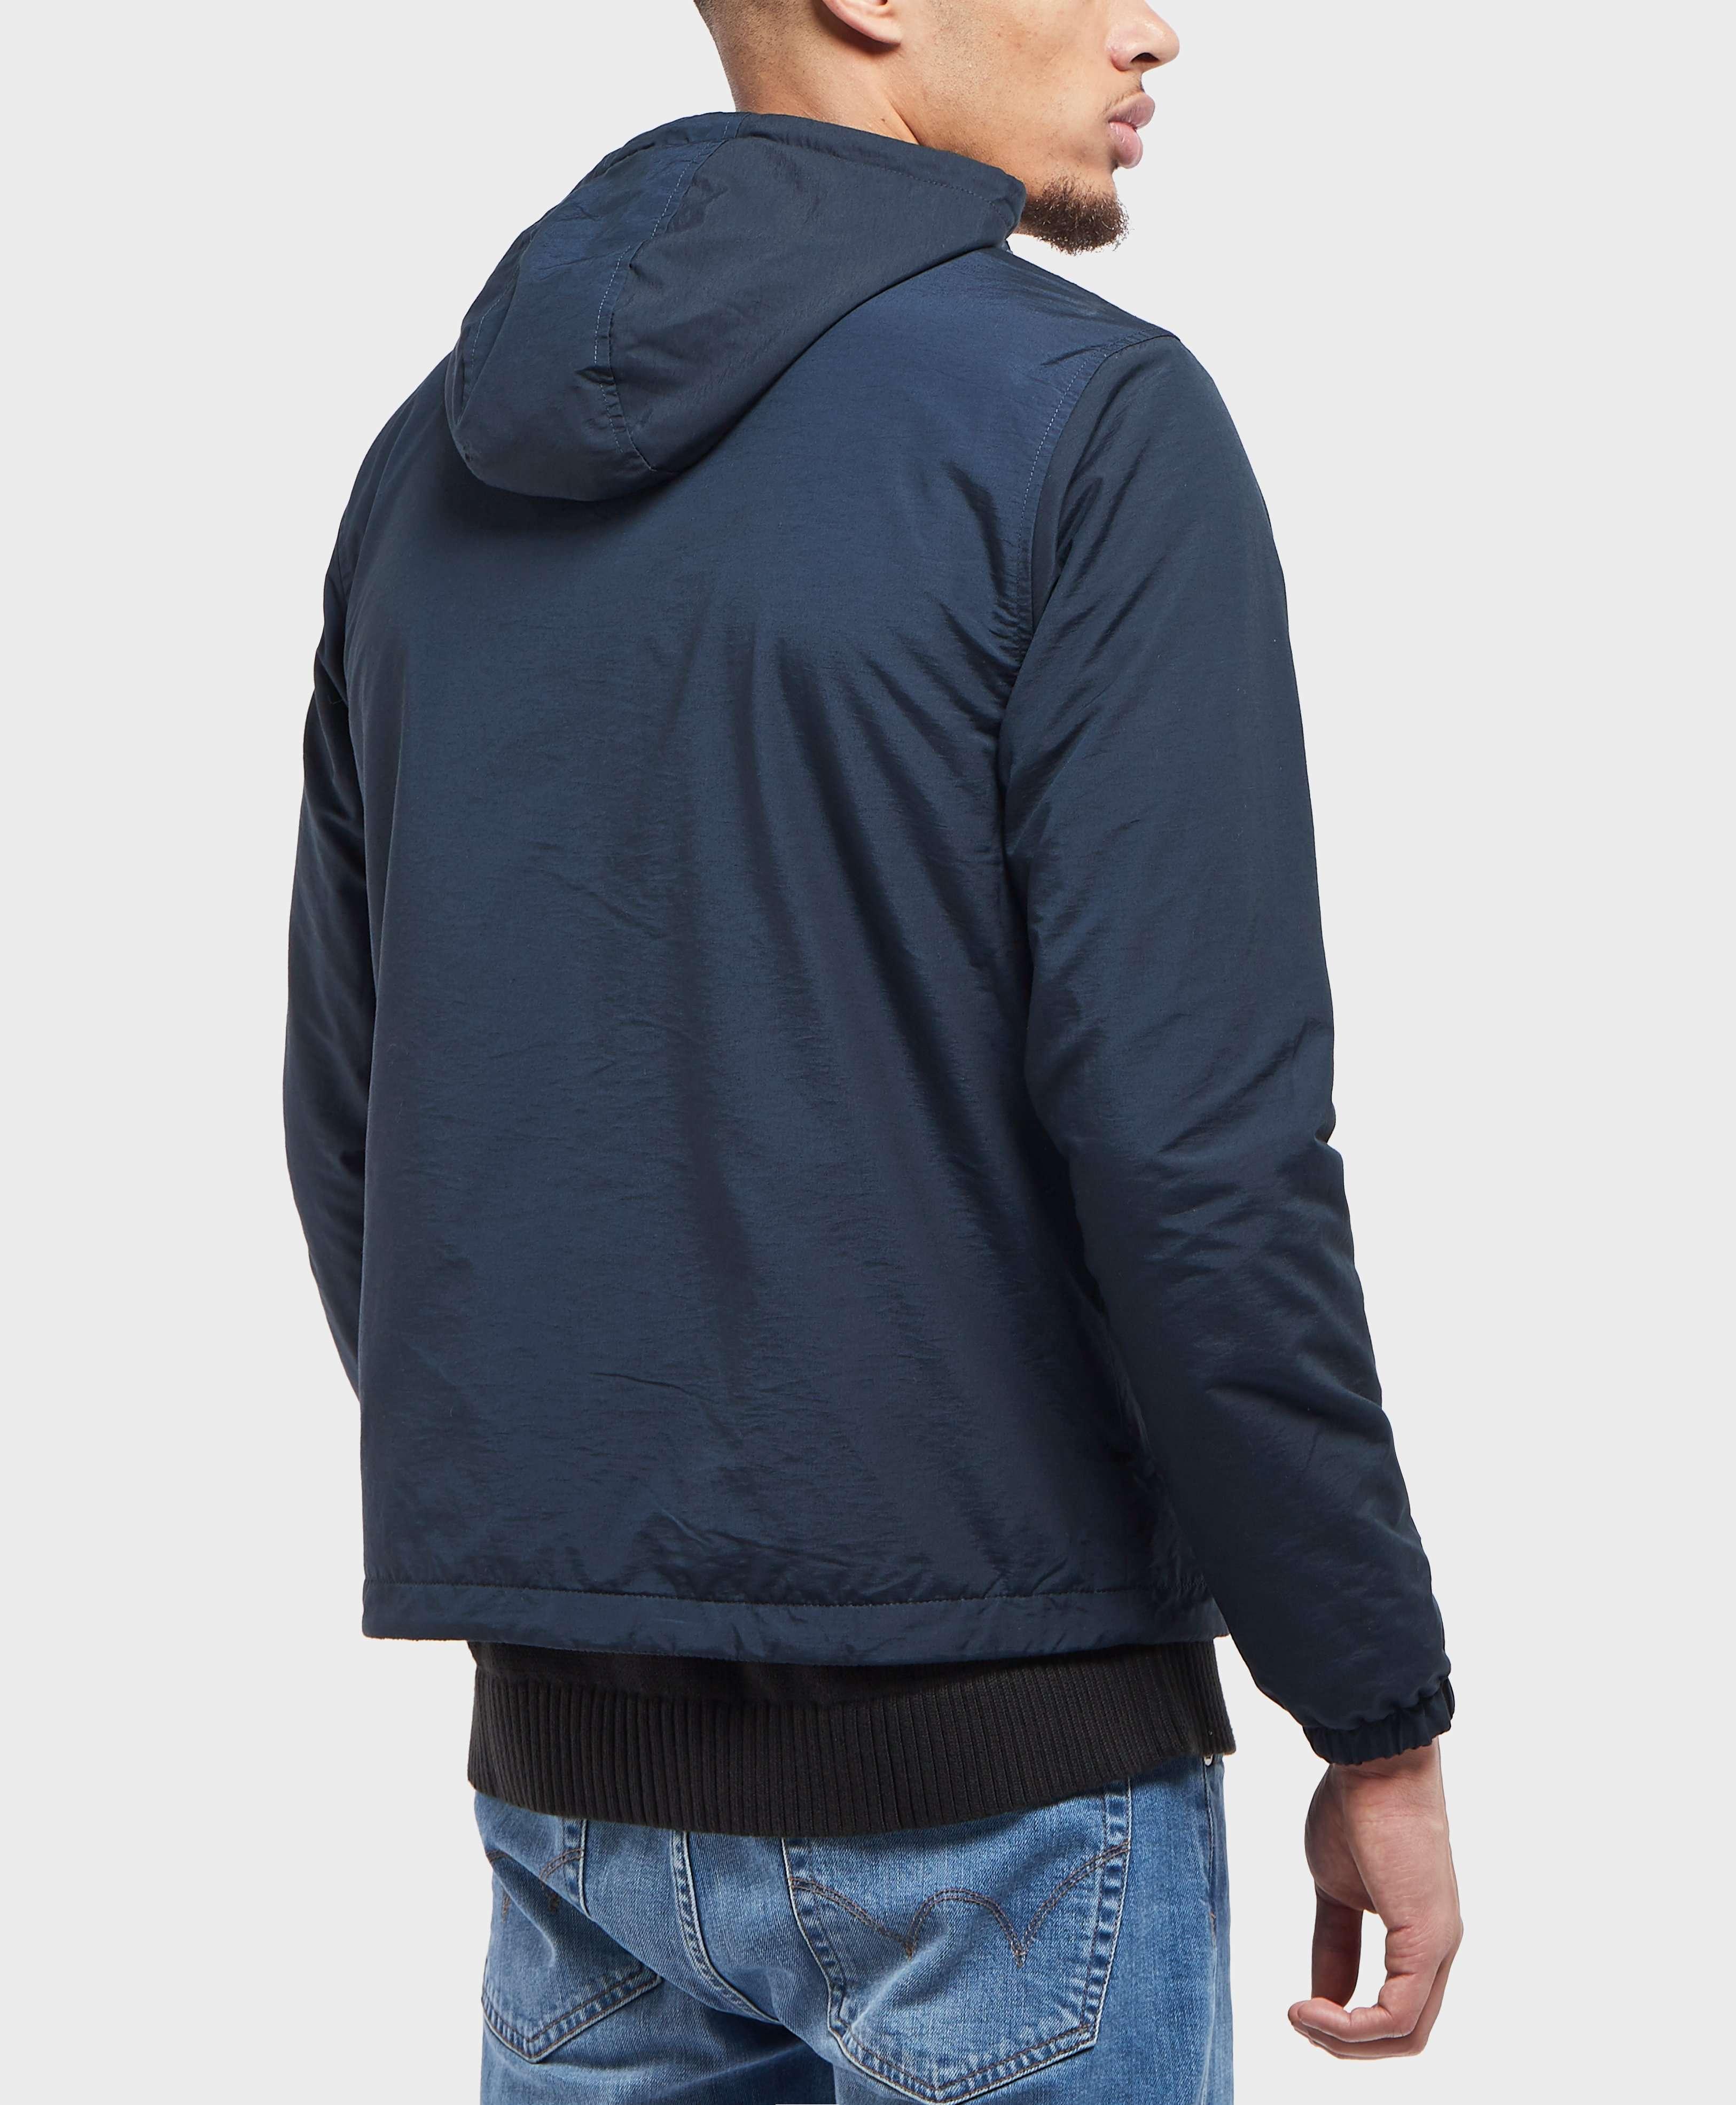 Original Penguin Reversible Lightweight Jacket - Online Exclusive